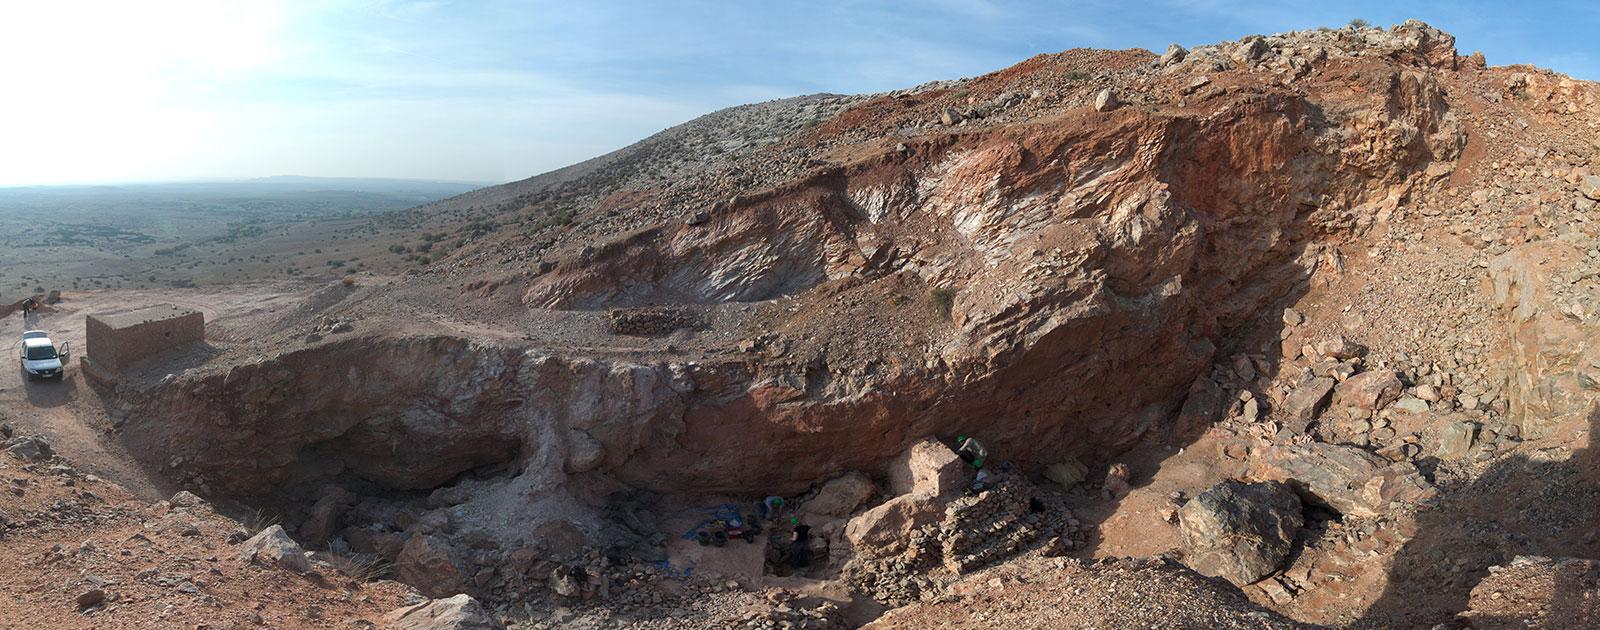 Fundstelle Jebel Irhoud